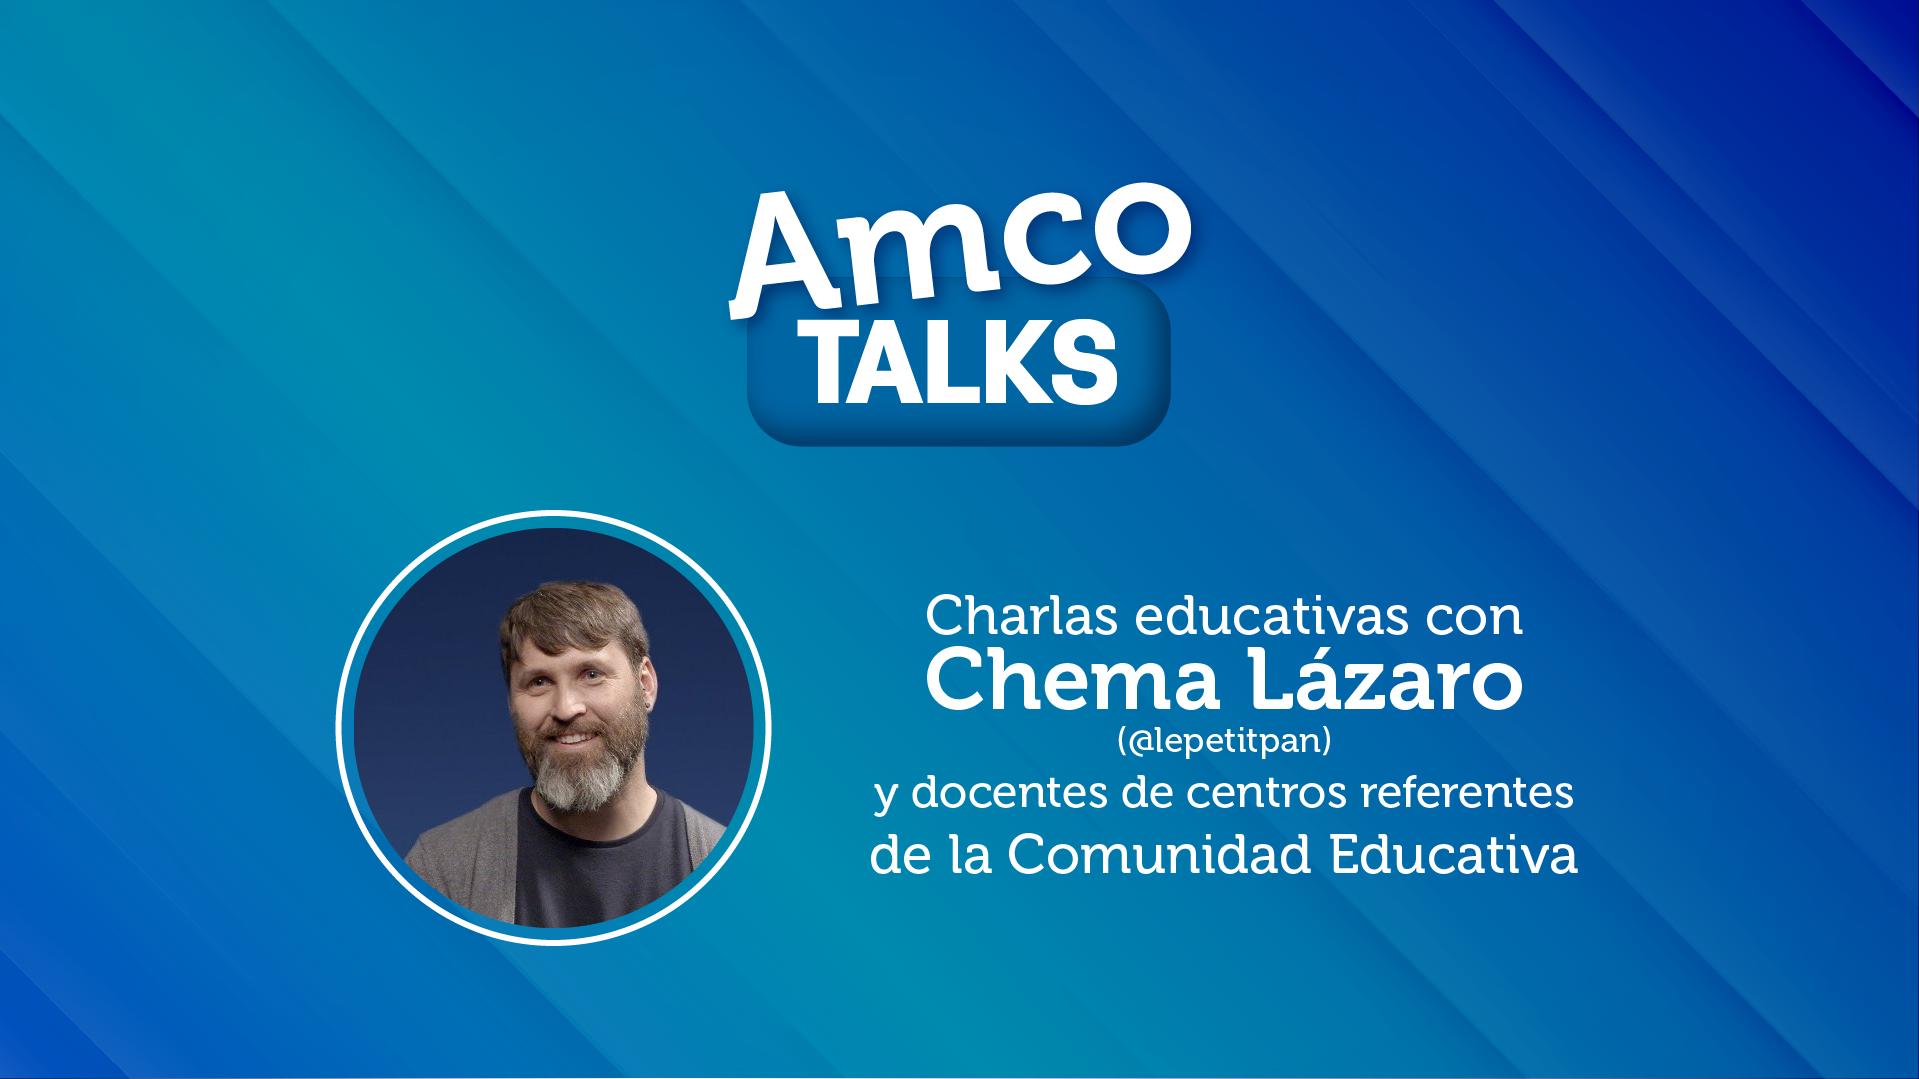 amco talks